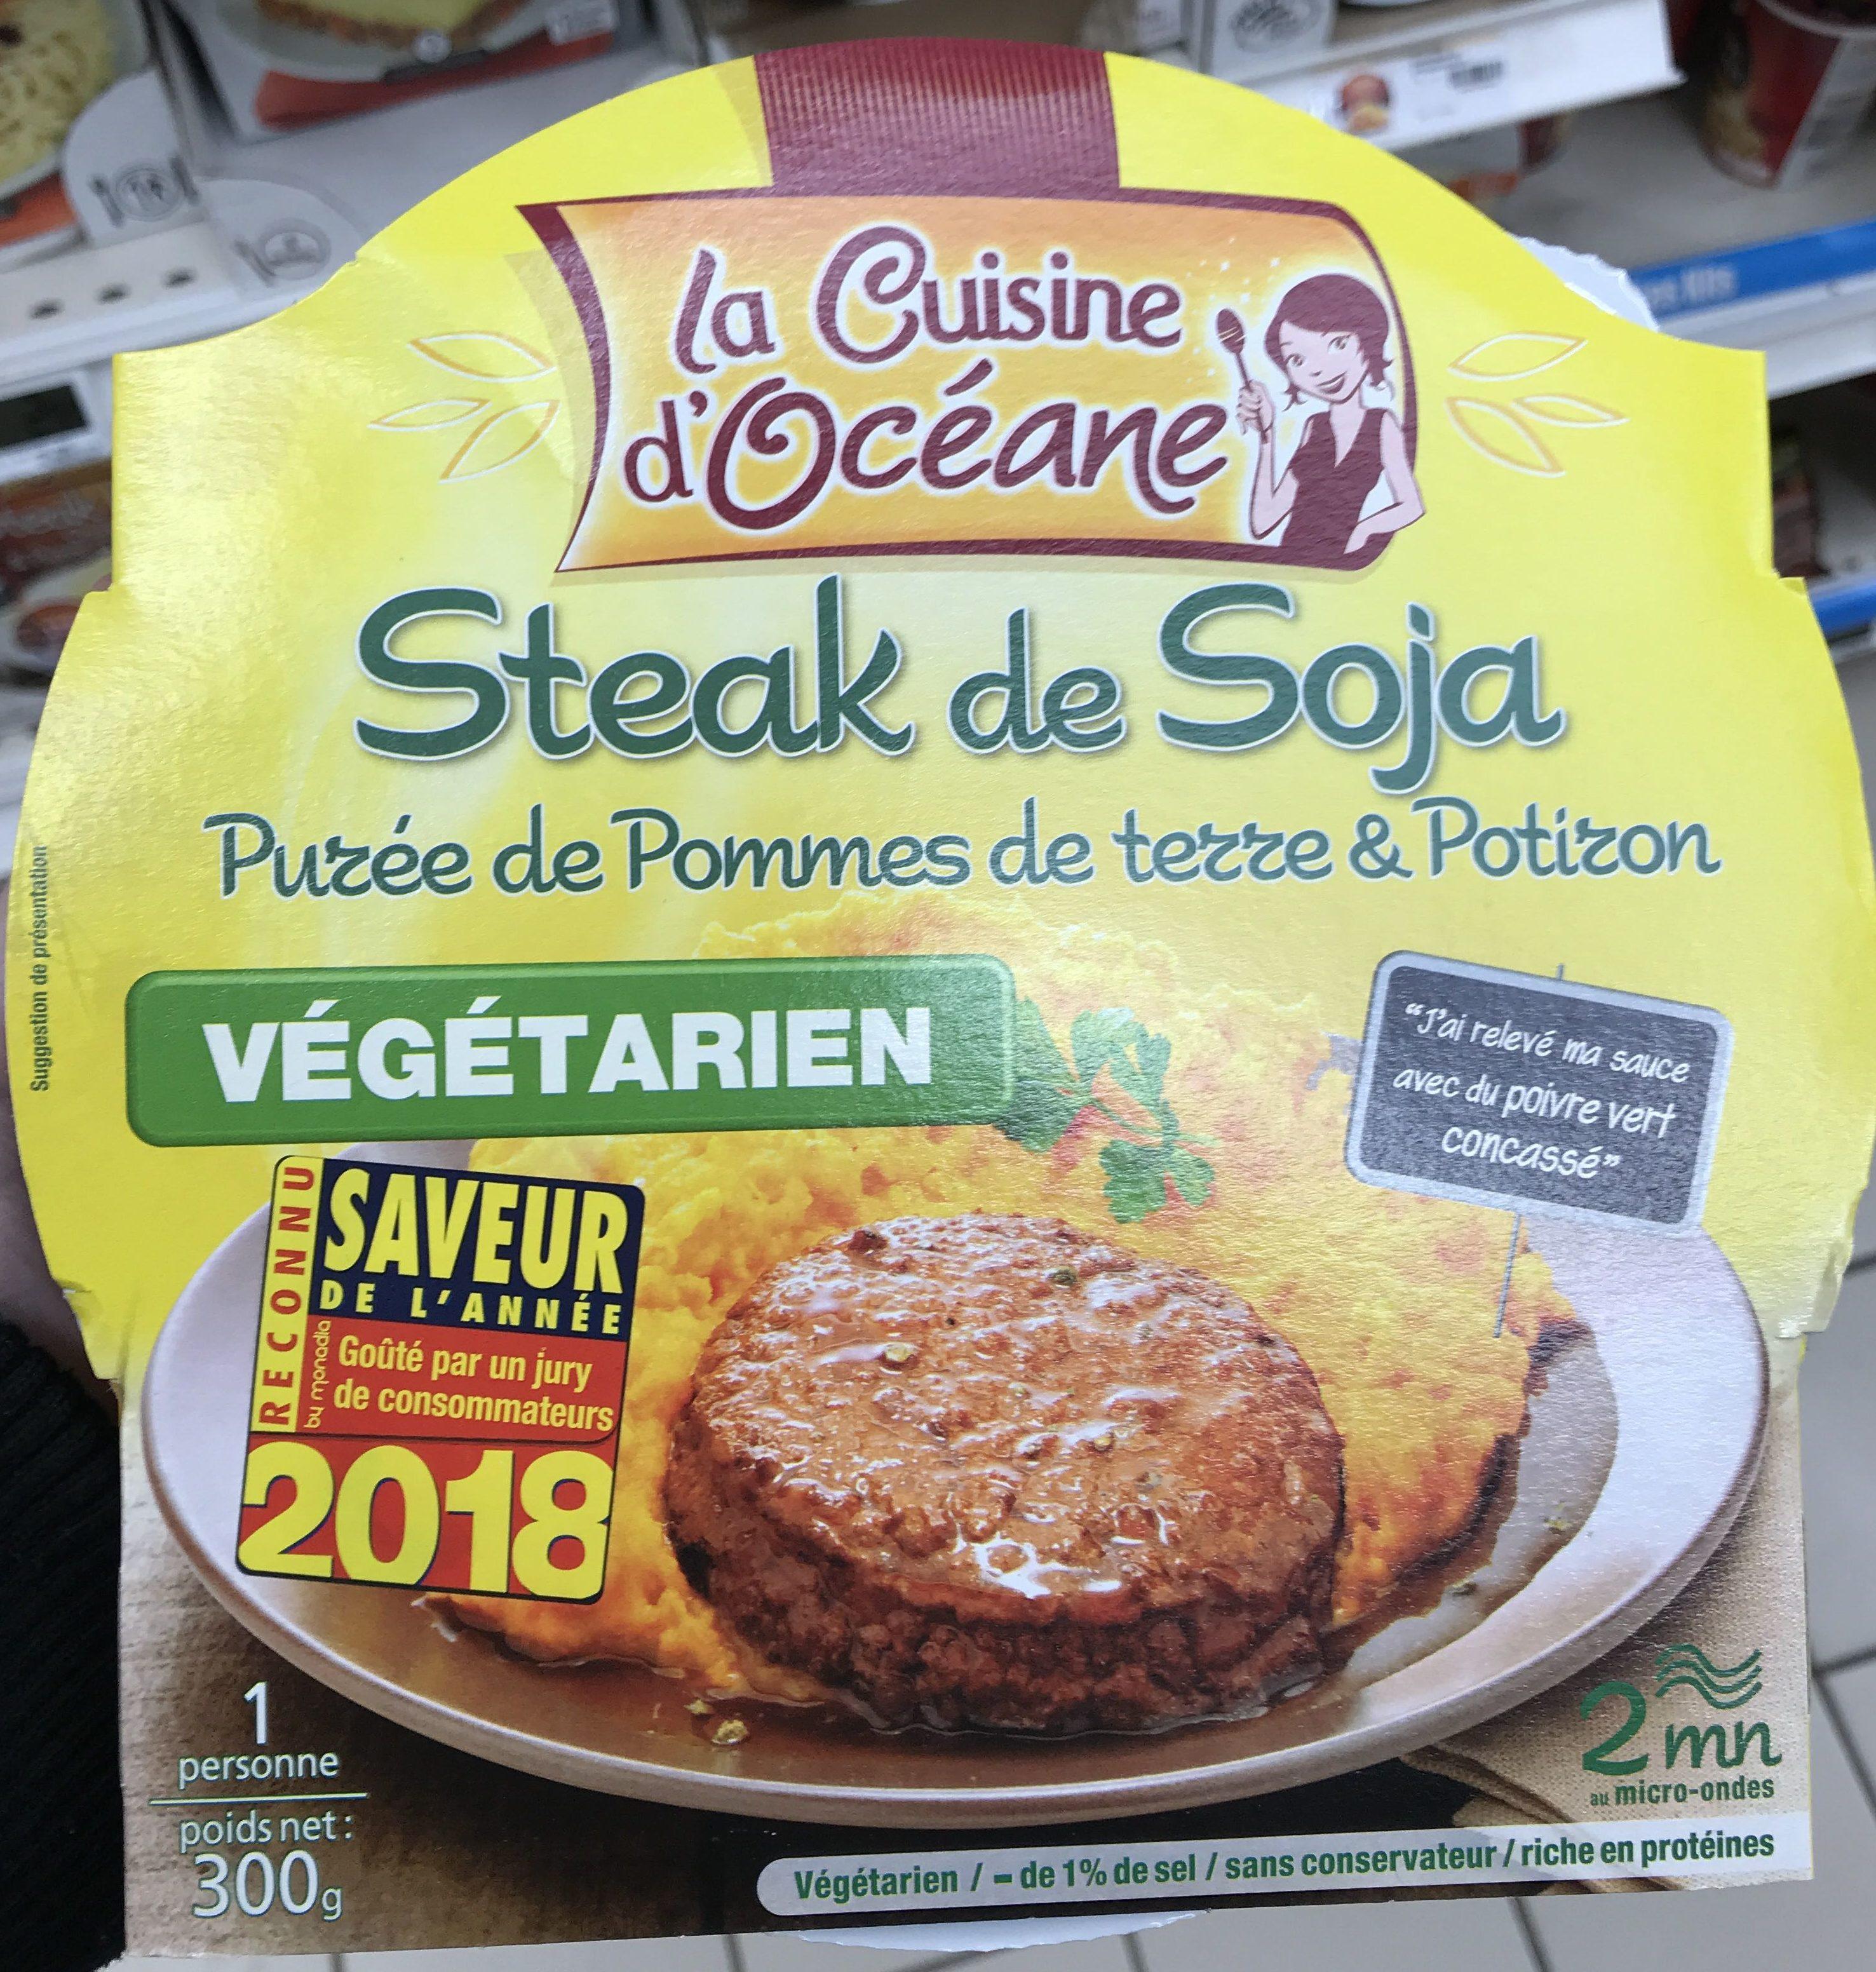 Steak de Soja - Product - fr